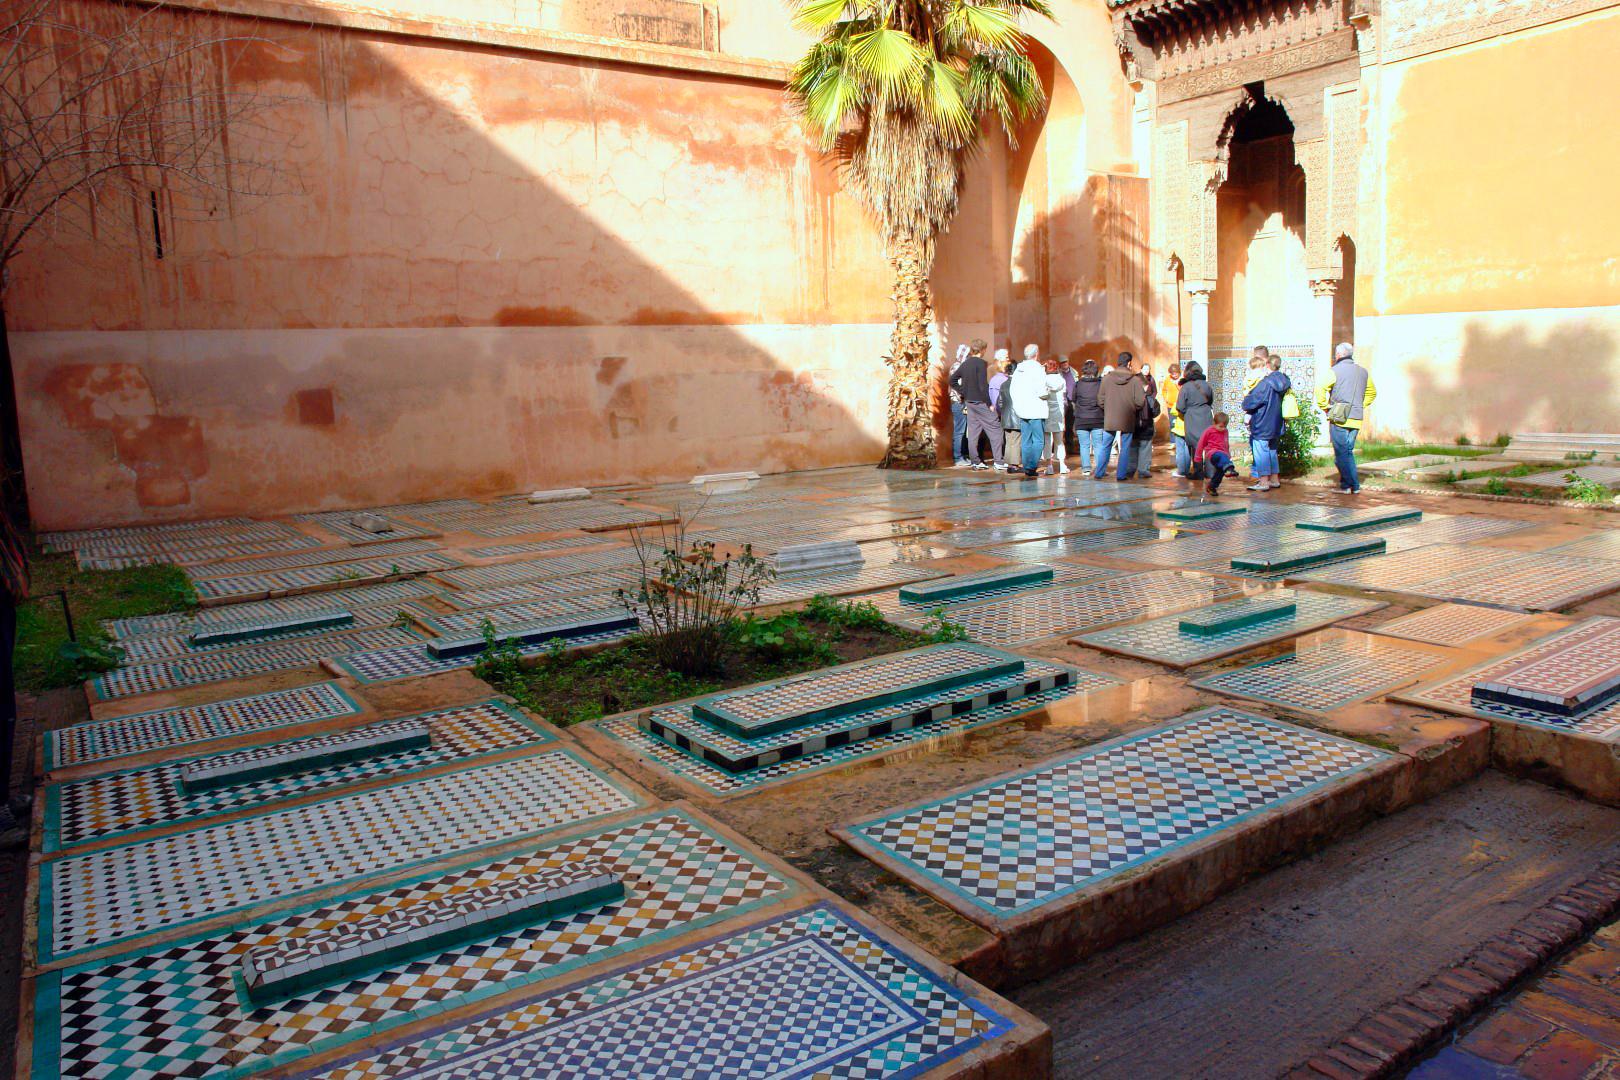 Qué ver en Marrakech, Marruecos - Morocco qué ver en marrakech - 30999587326 7c1b23a47c o - Qué ver en Marrakech, Marruecos